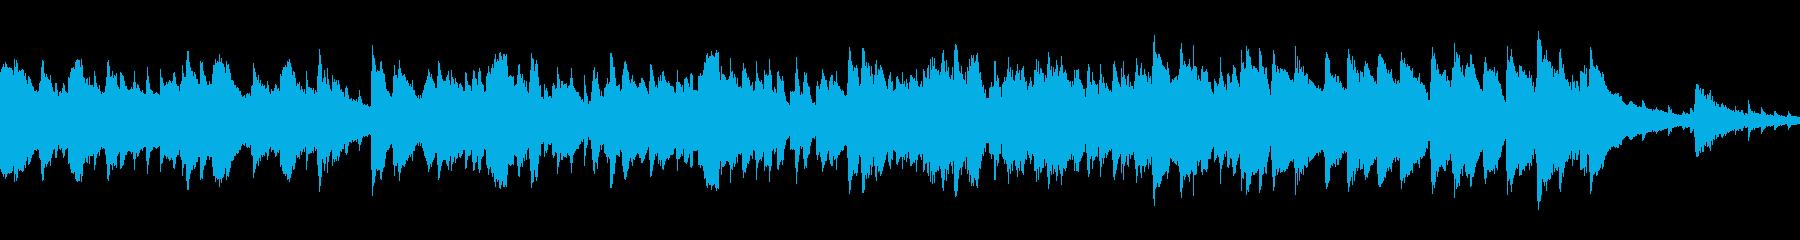 ビブラフォンが奏でるジャズ風カジノの再生済みの波形